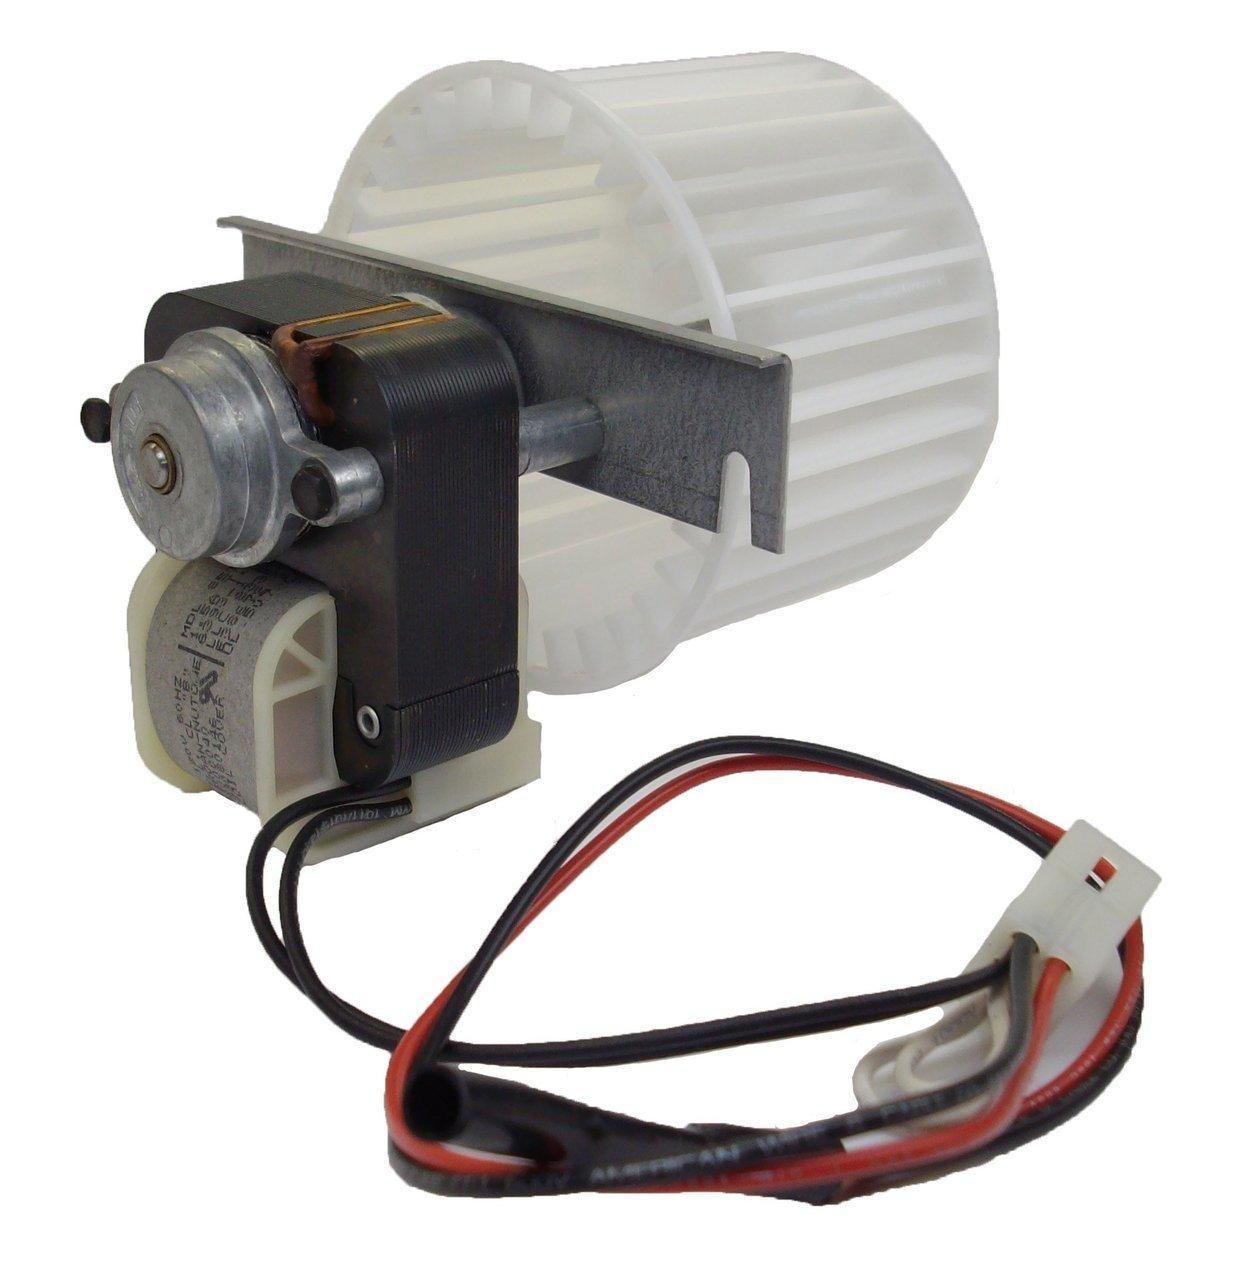 broan 160 a, 164 a, 164 b vent fan motor 97005908; 2300 rpm 1 5